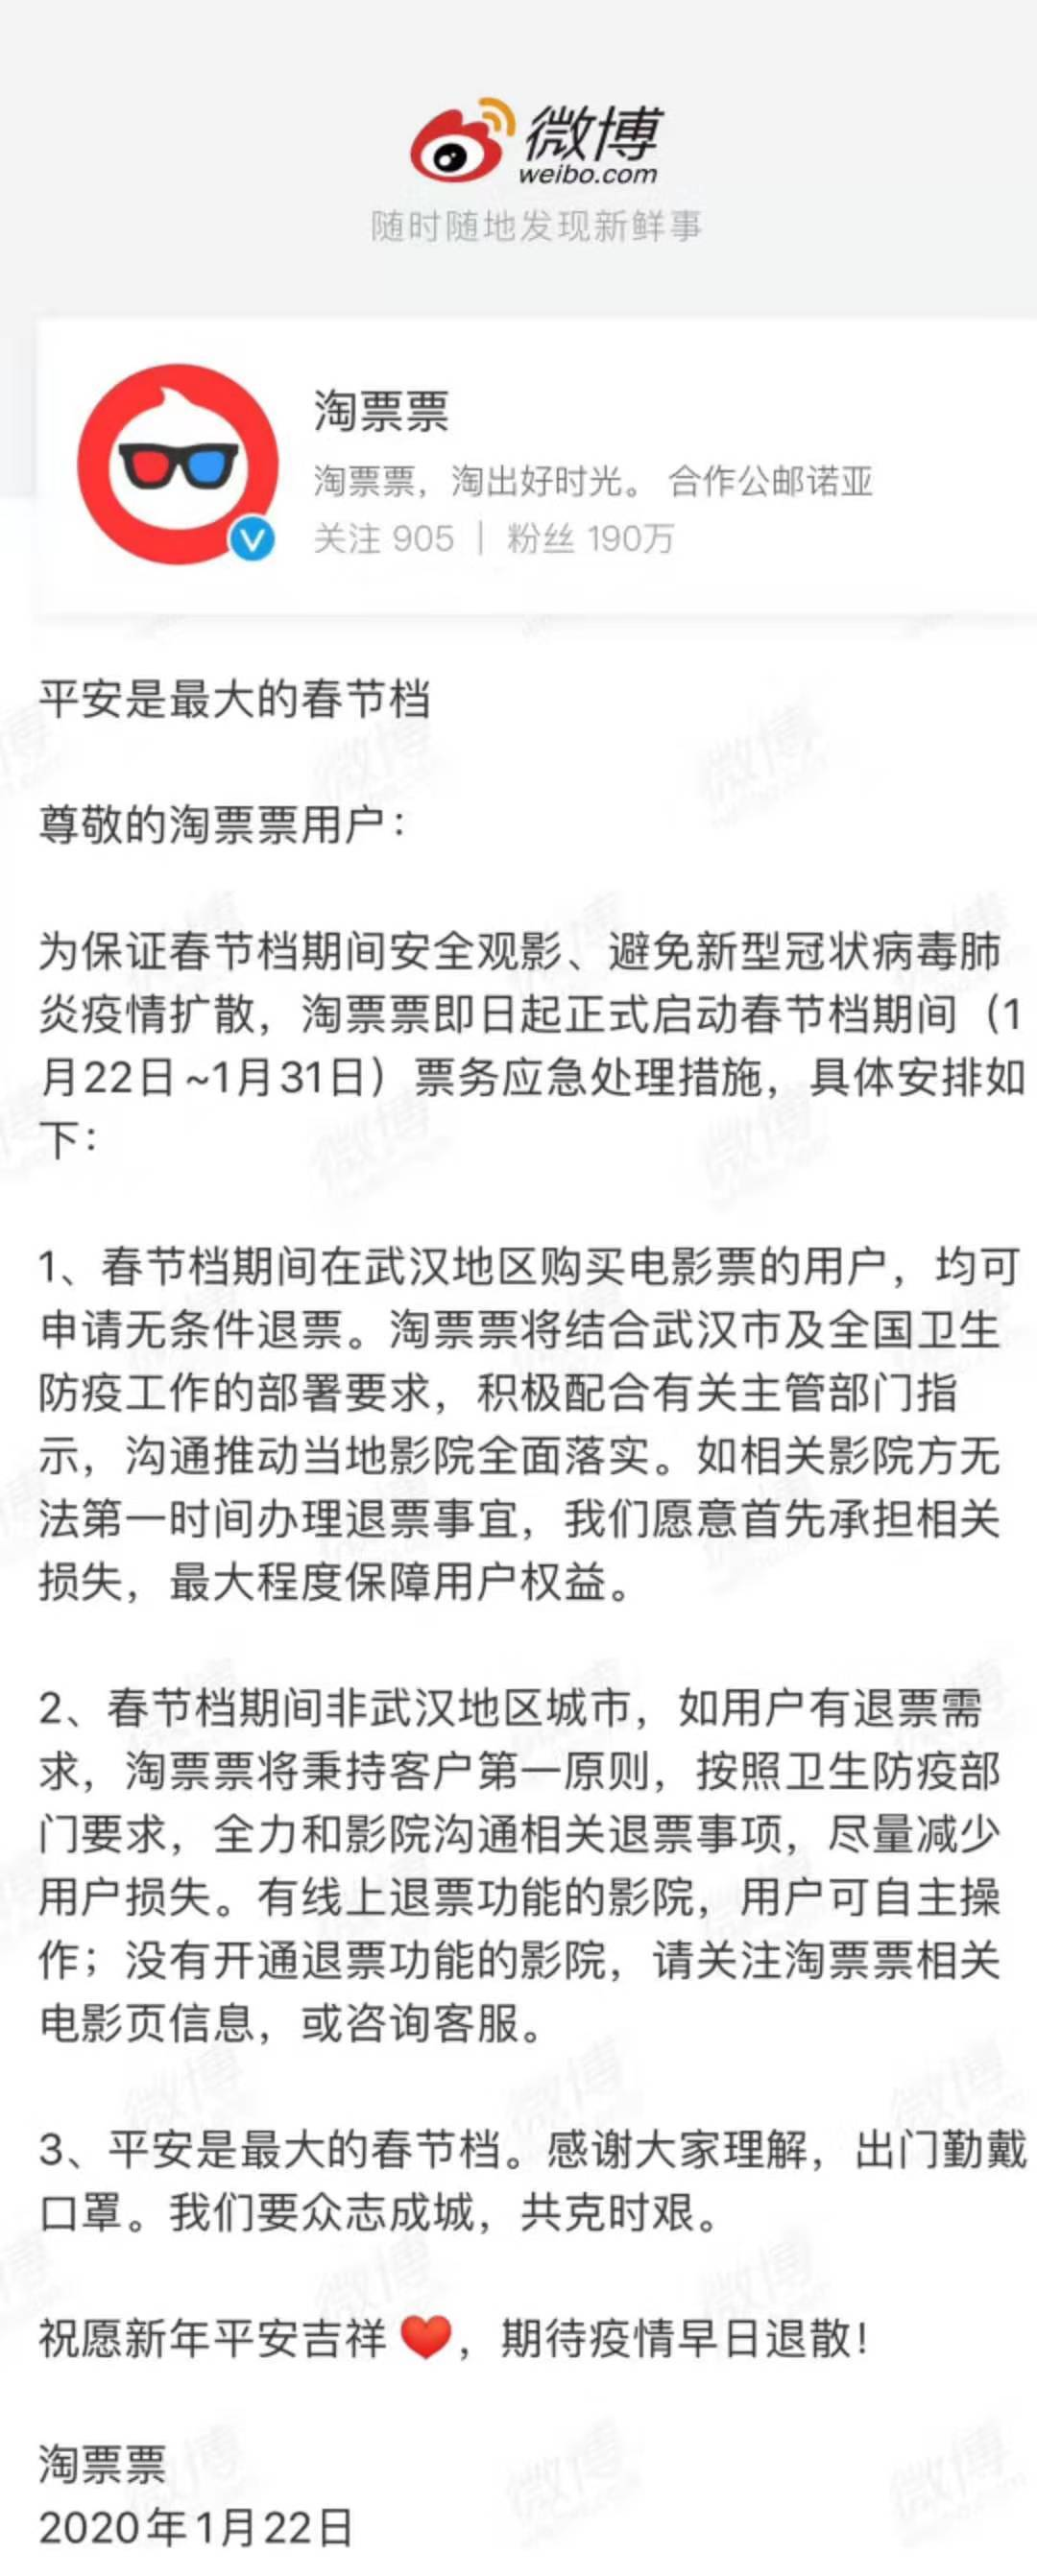 如何快速赚钱:淘票票发公告:春节期间武汉地区无条件退票